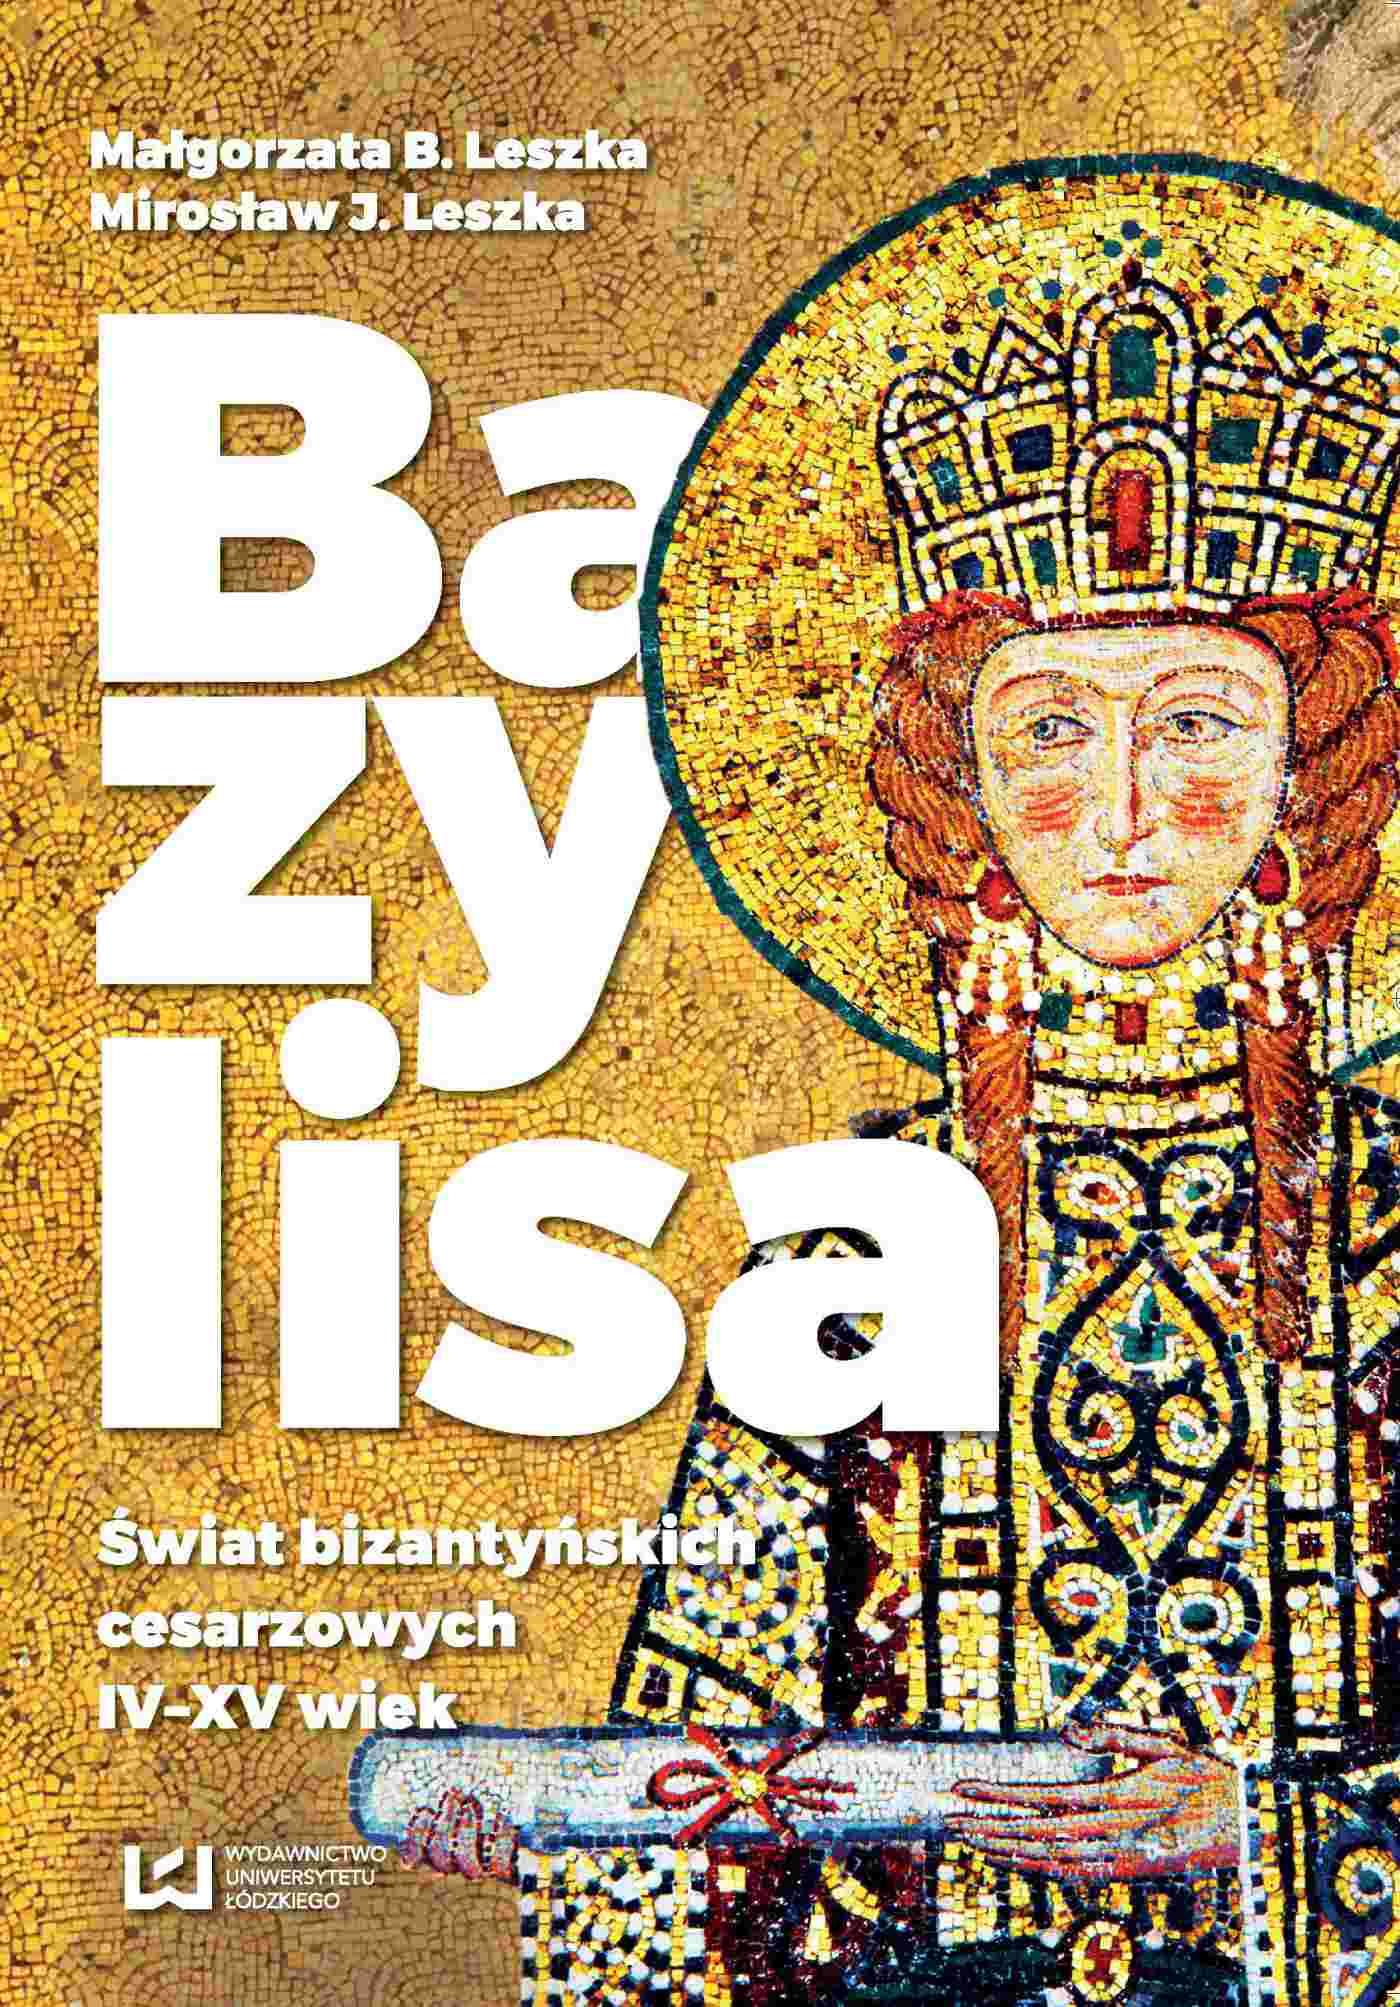 Bazylisa. Świat bizantyńskich cesarzowych (IV-XV wiek) - Ebook (Książka na Kindle) do pobrania w formacie MOBI